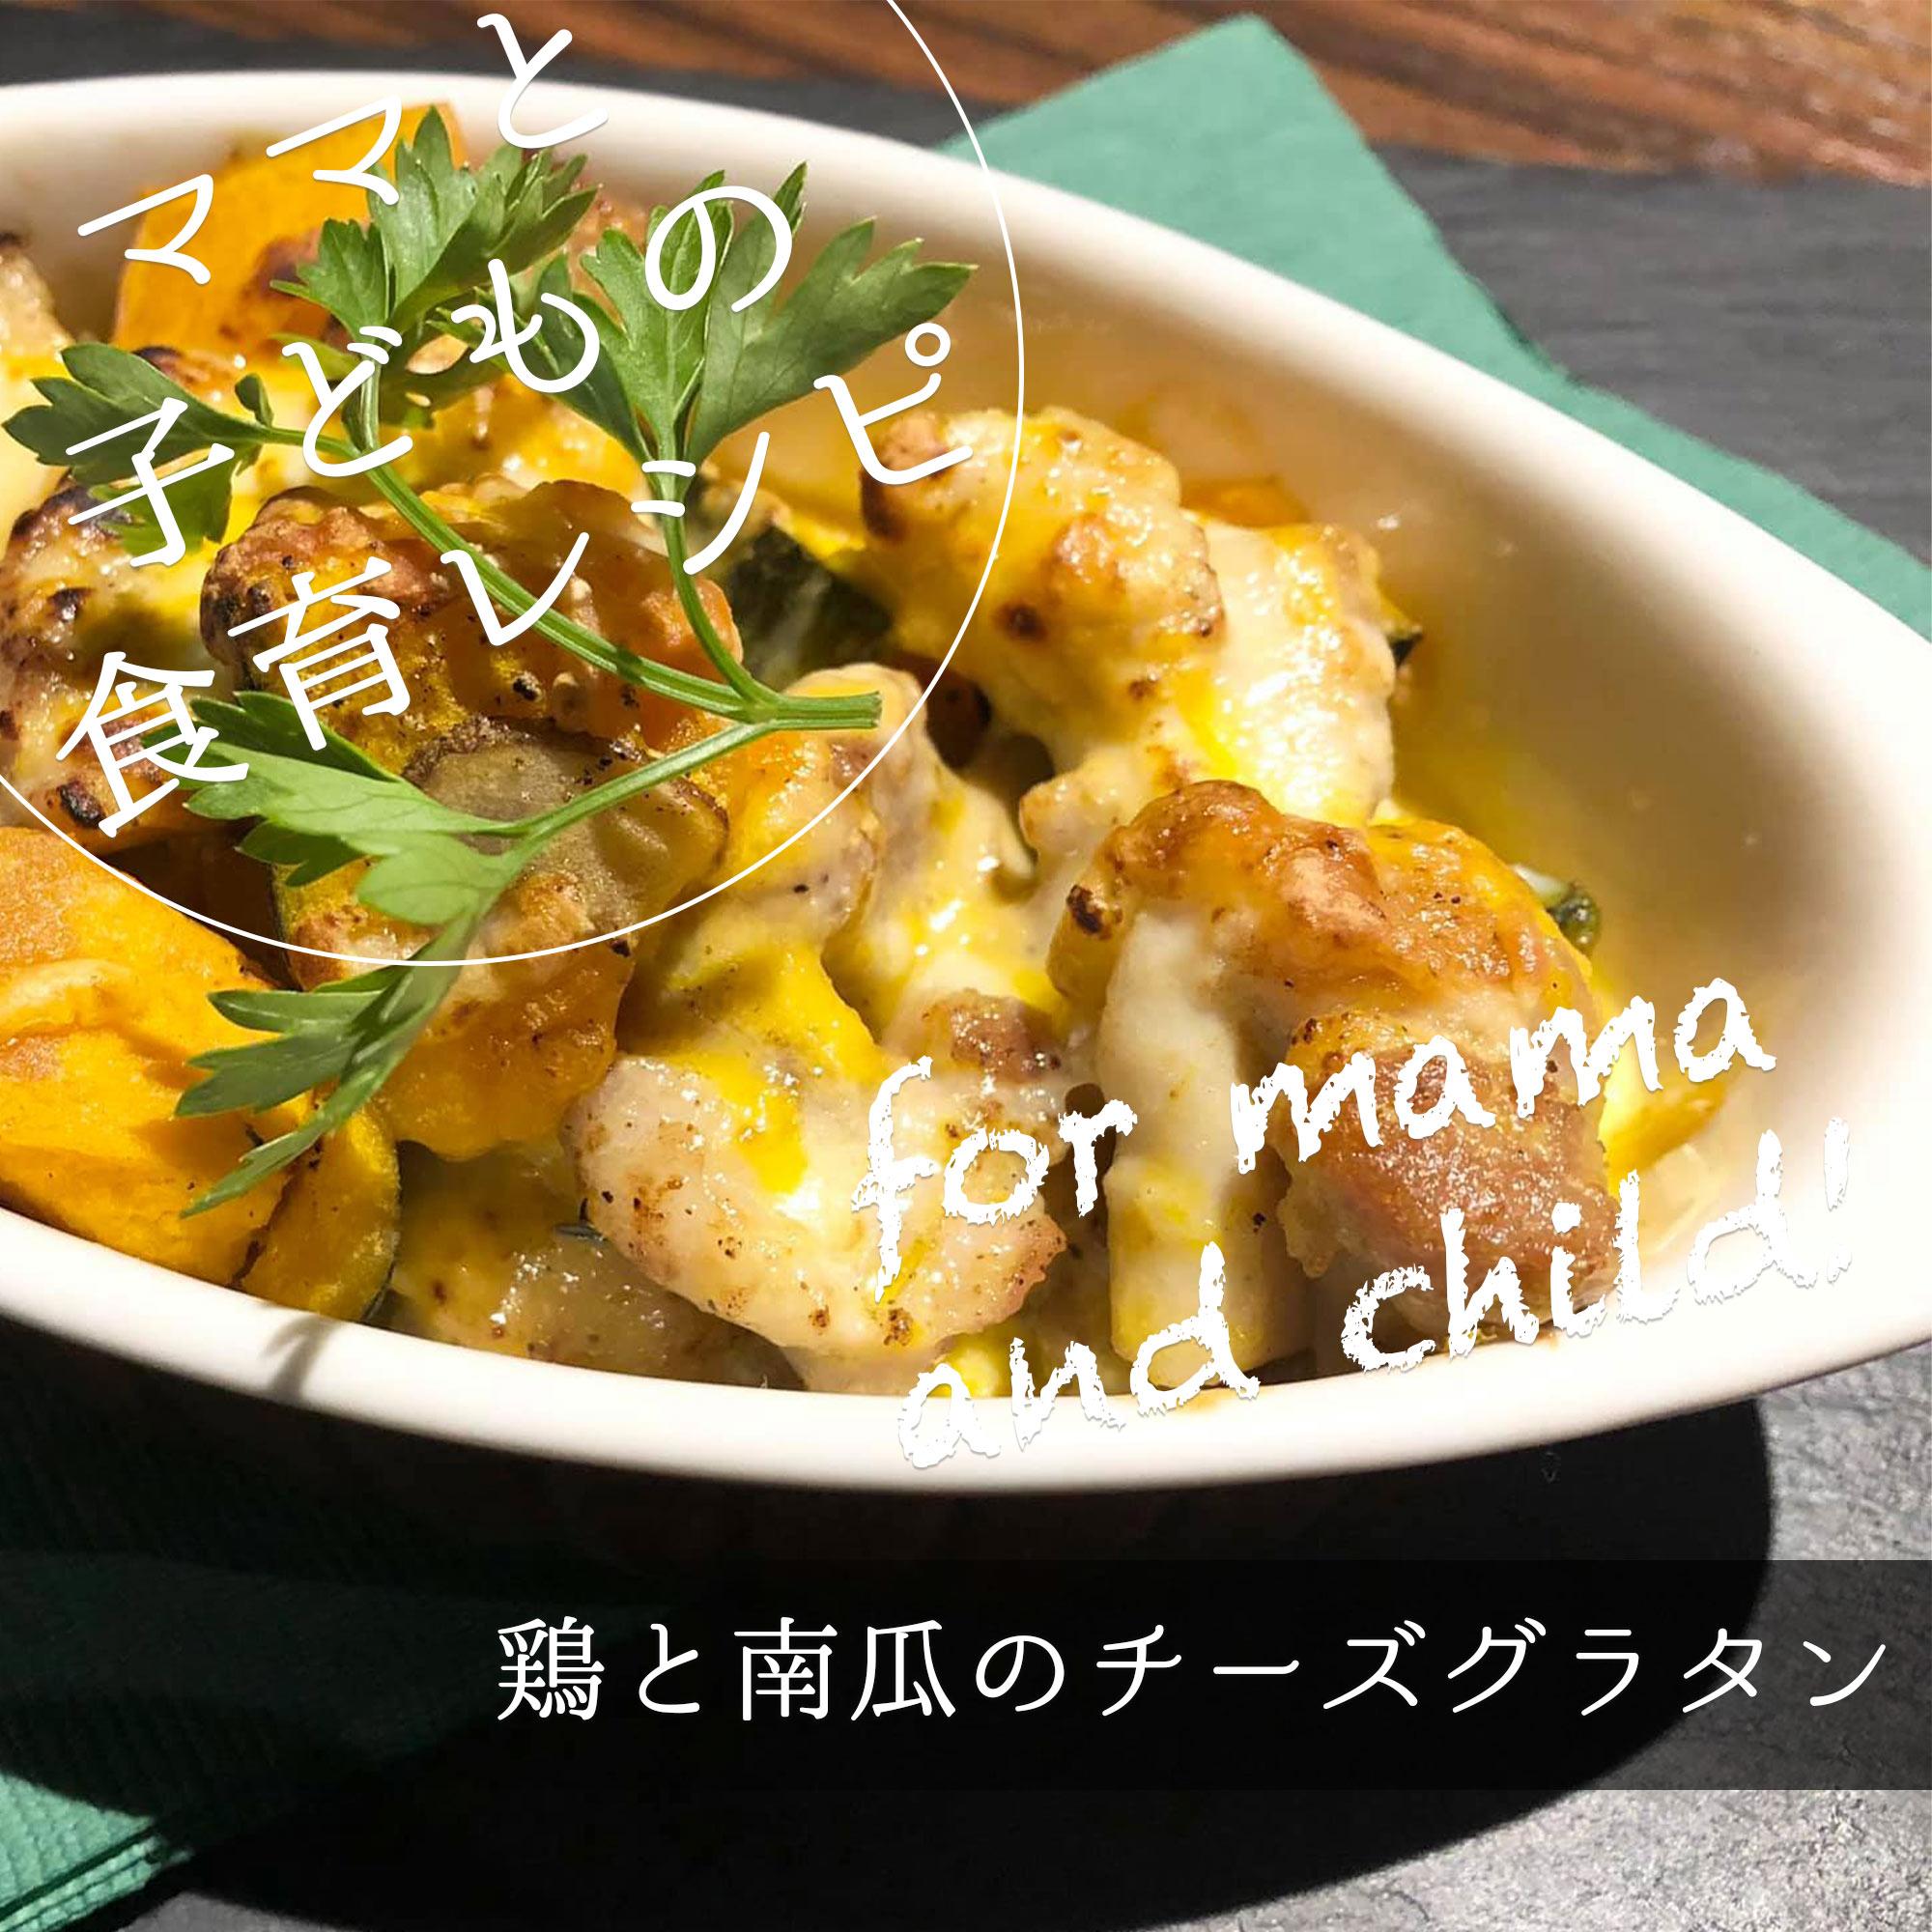 鶏と南瓜のチーズグラタン